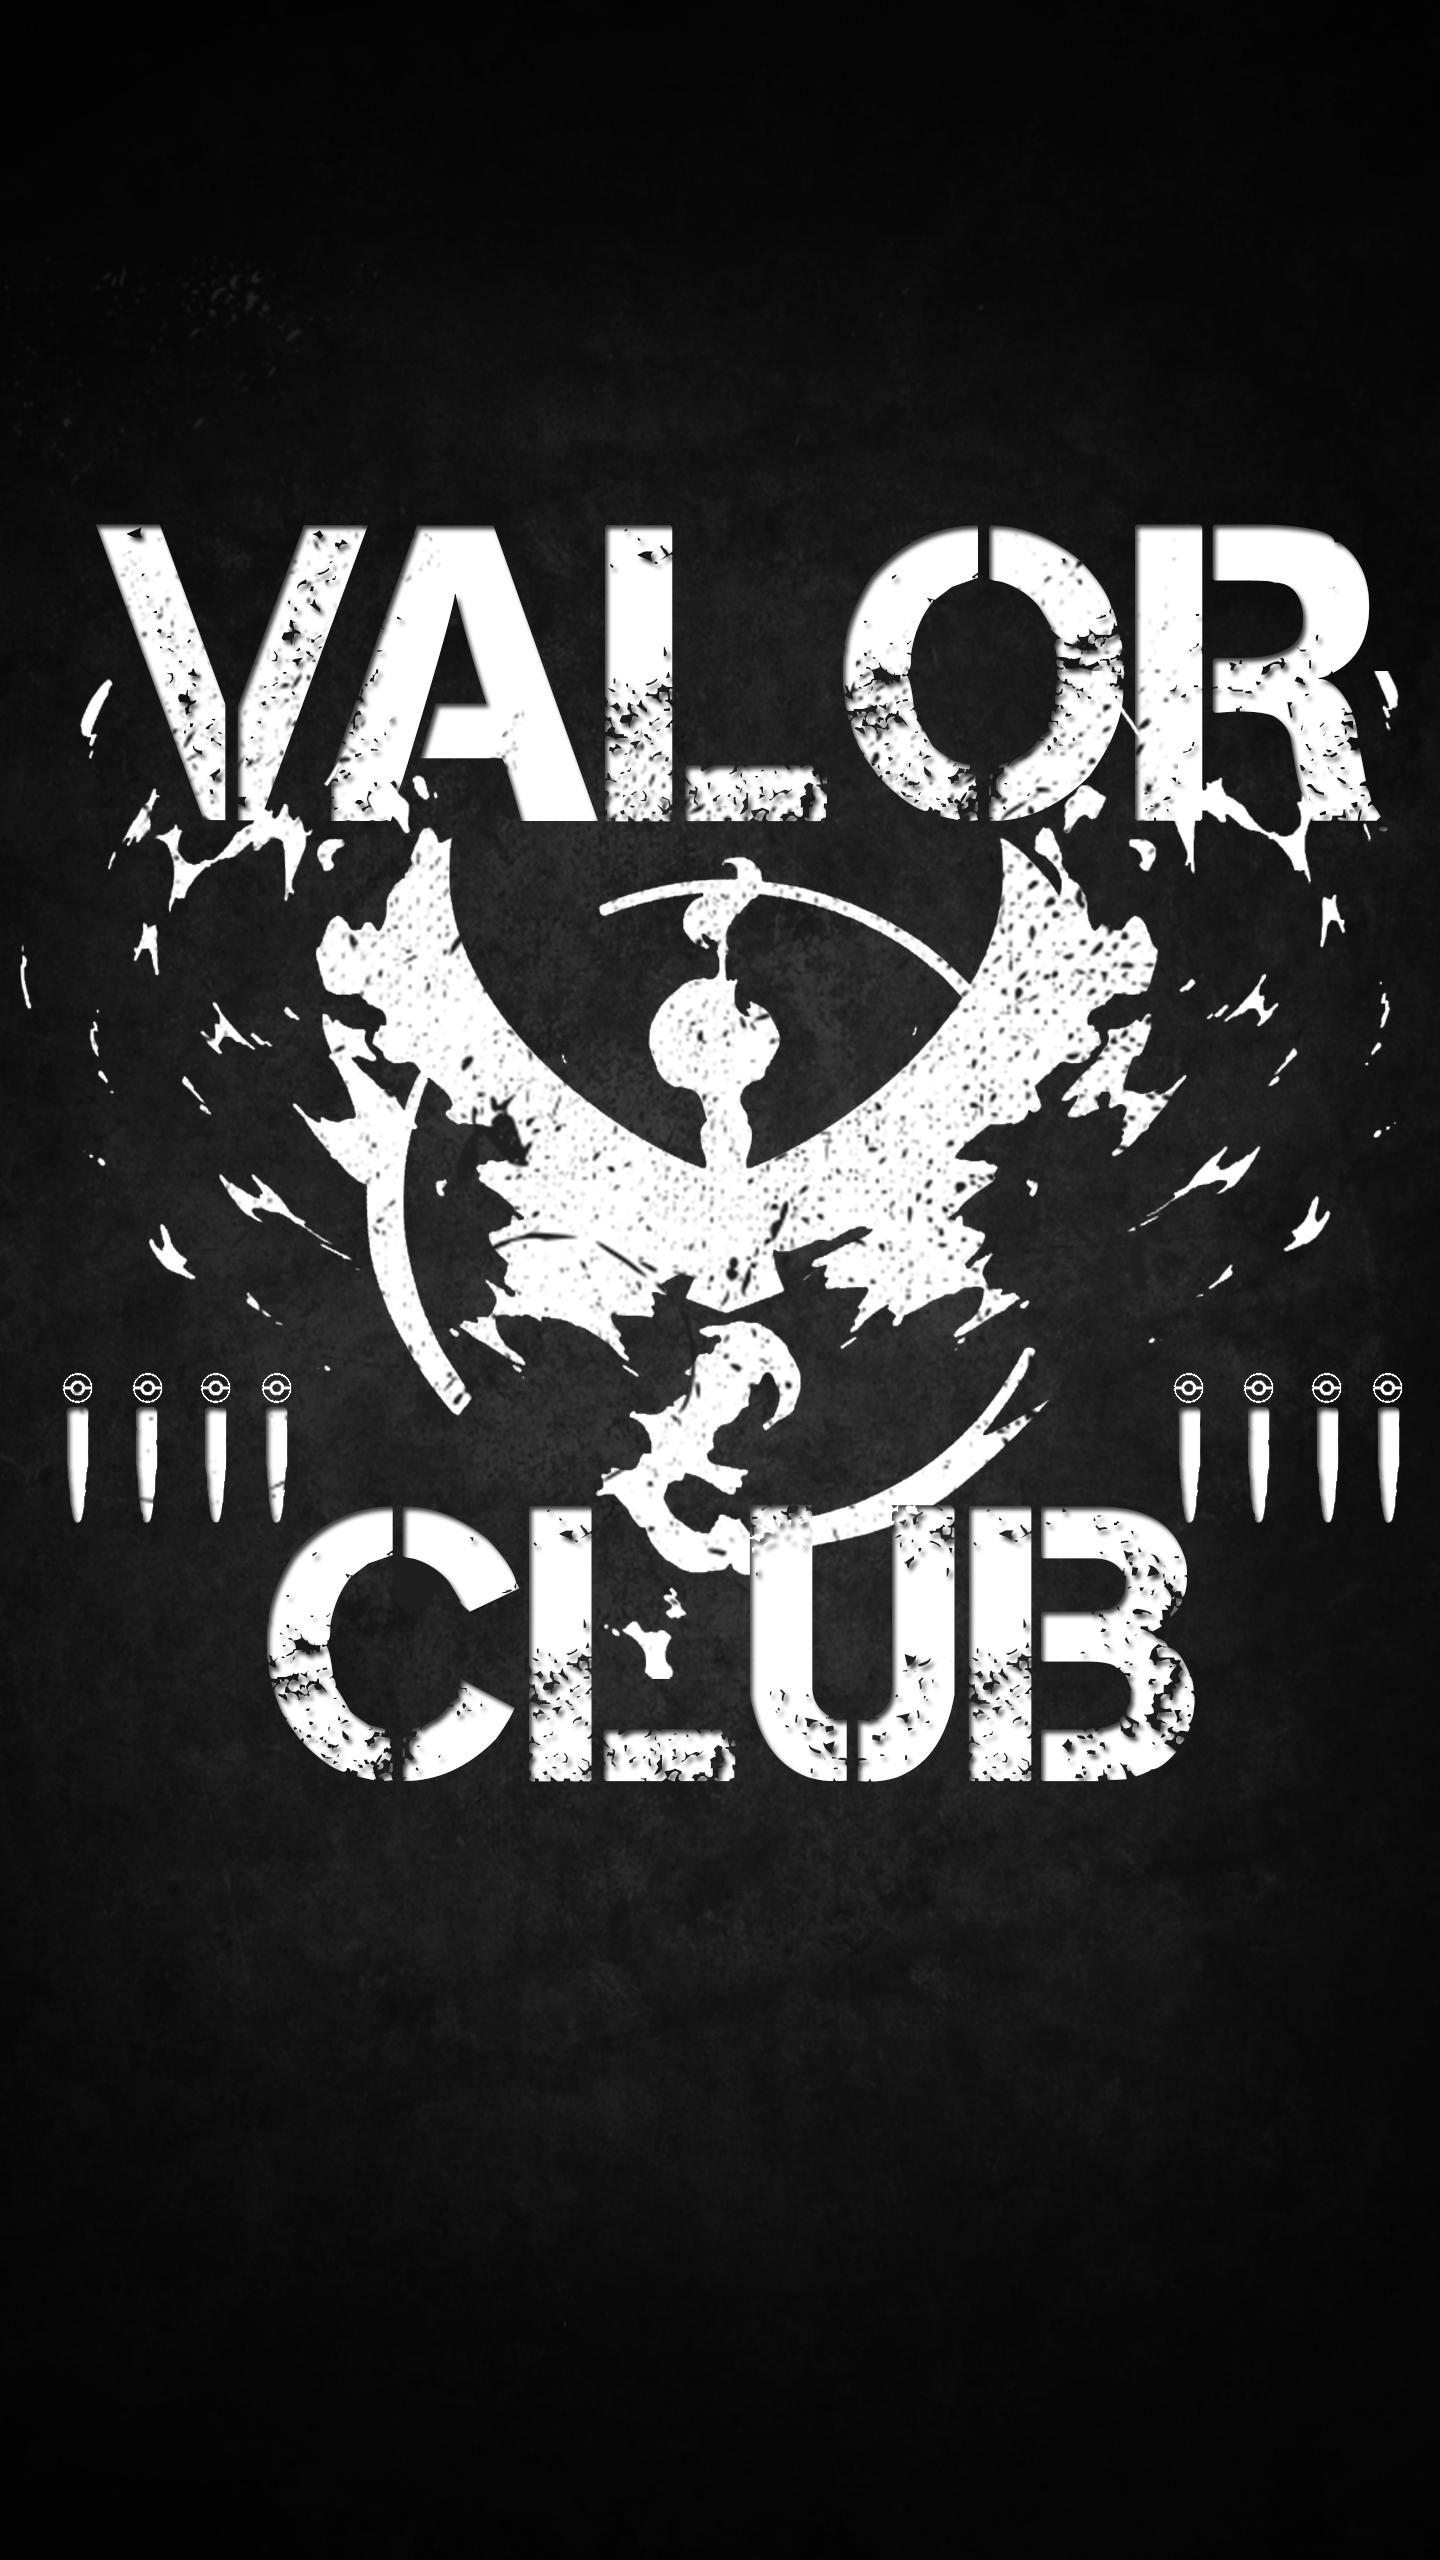 bullet club wallpaper hd,font,t shirt,text,logo,outerwear